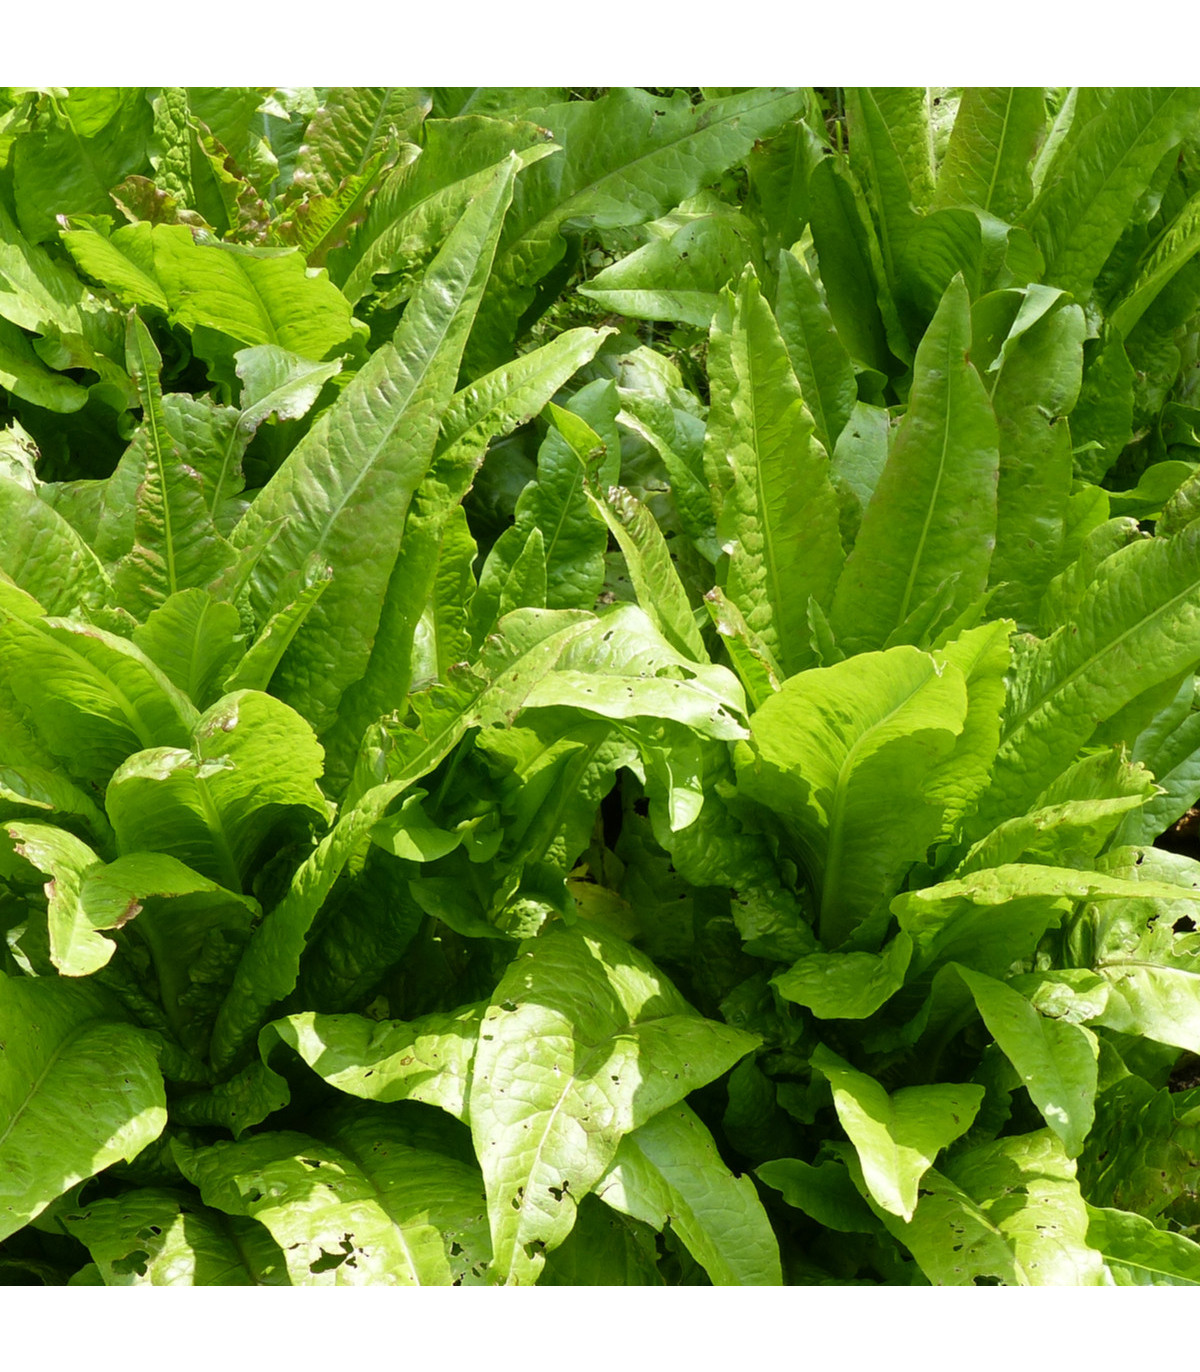 Salát chřestový Celtuce - Lactuca sativa L.var.asparagina - osivo salátu chřestového - 300 ks